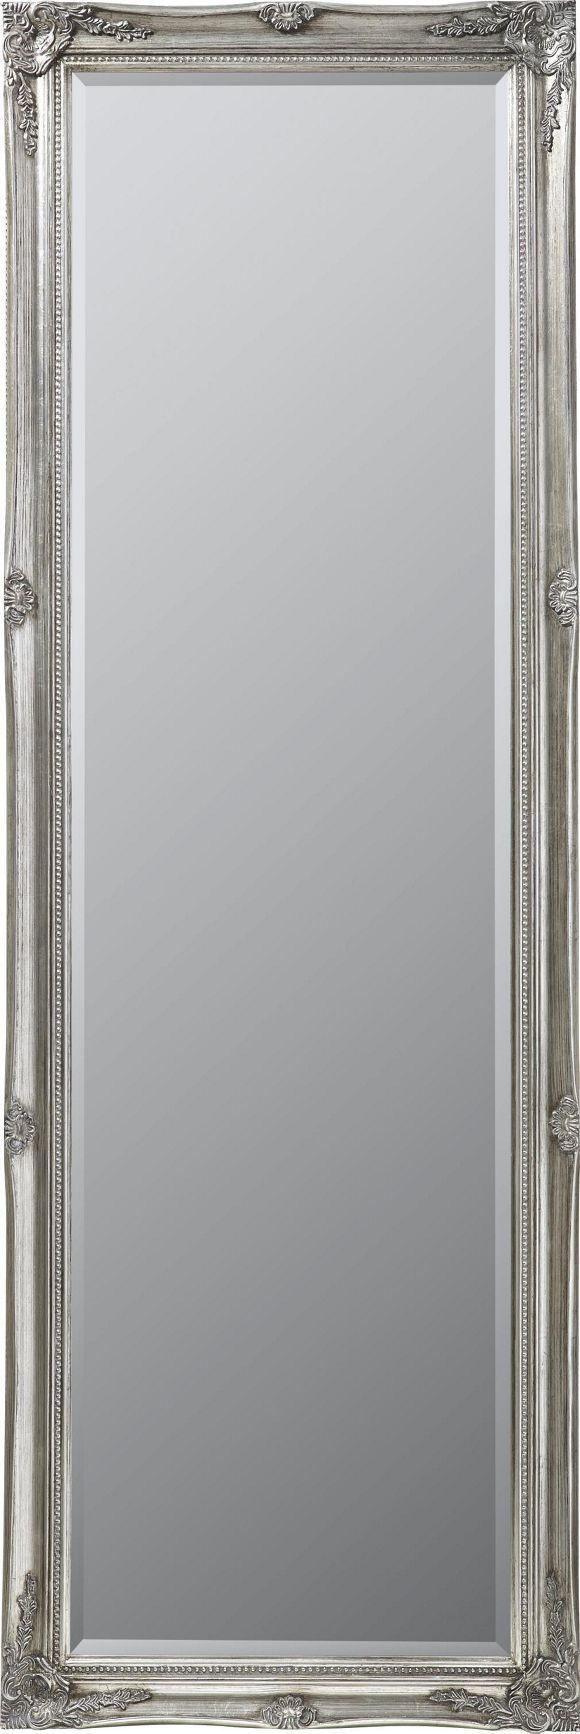 Ein+Spiegel+mit+klassischer+Ausstrahlung:+LANDSCAPE+bringt+mit+dem+Rahmen+aus+Tannenholz+eine+natürliche+Eleganz+in+Ihr+Zuhause.+Der+hochwertige+Facettenschliff+und+der+antike+Look+in+Silberfarbe+richten+sich+an+Stilbewusste.+Die+großzügigen+Maße+von+ca.+75+x+195+cm+ermöglichen+eine+perfekte+Betrachtung+von+Kopf+bis+Fuß.+Dieser+Spiegel+hat+das+gewisse+Etwas!